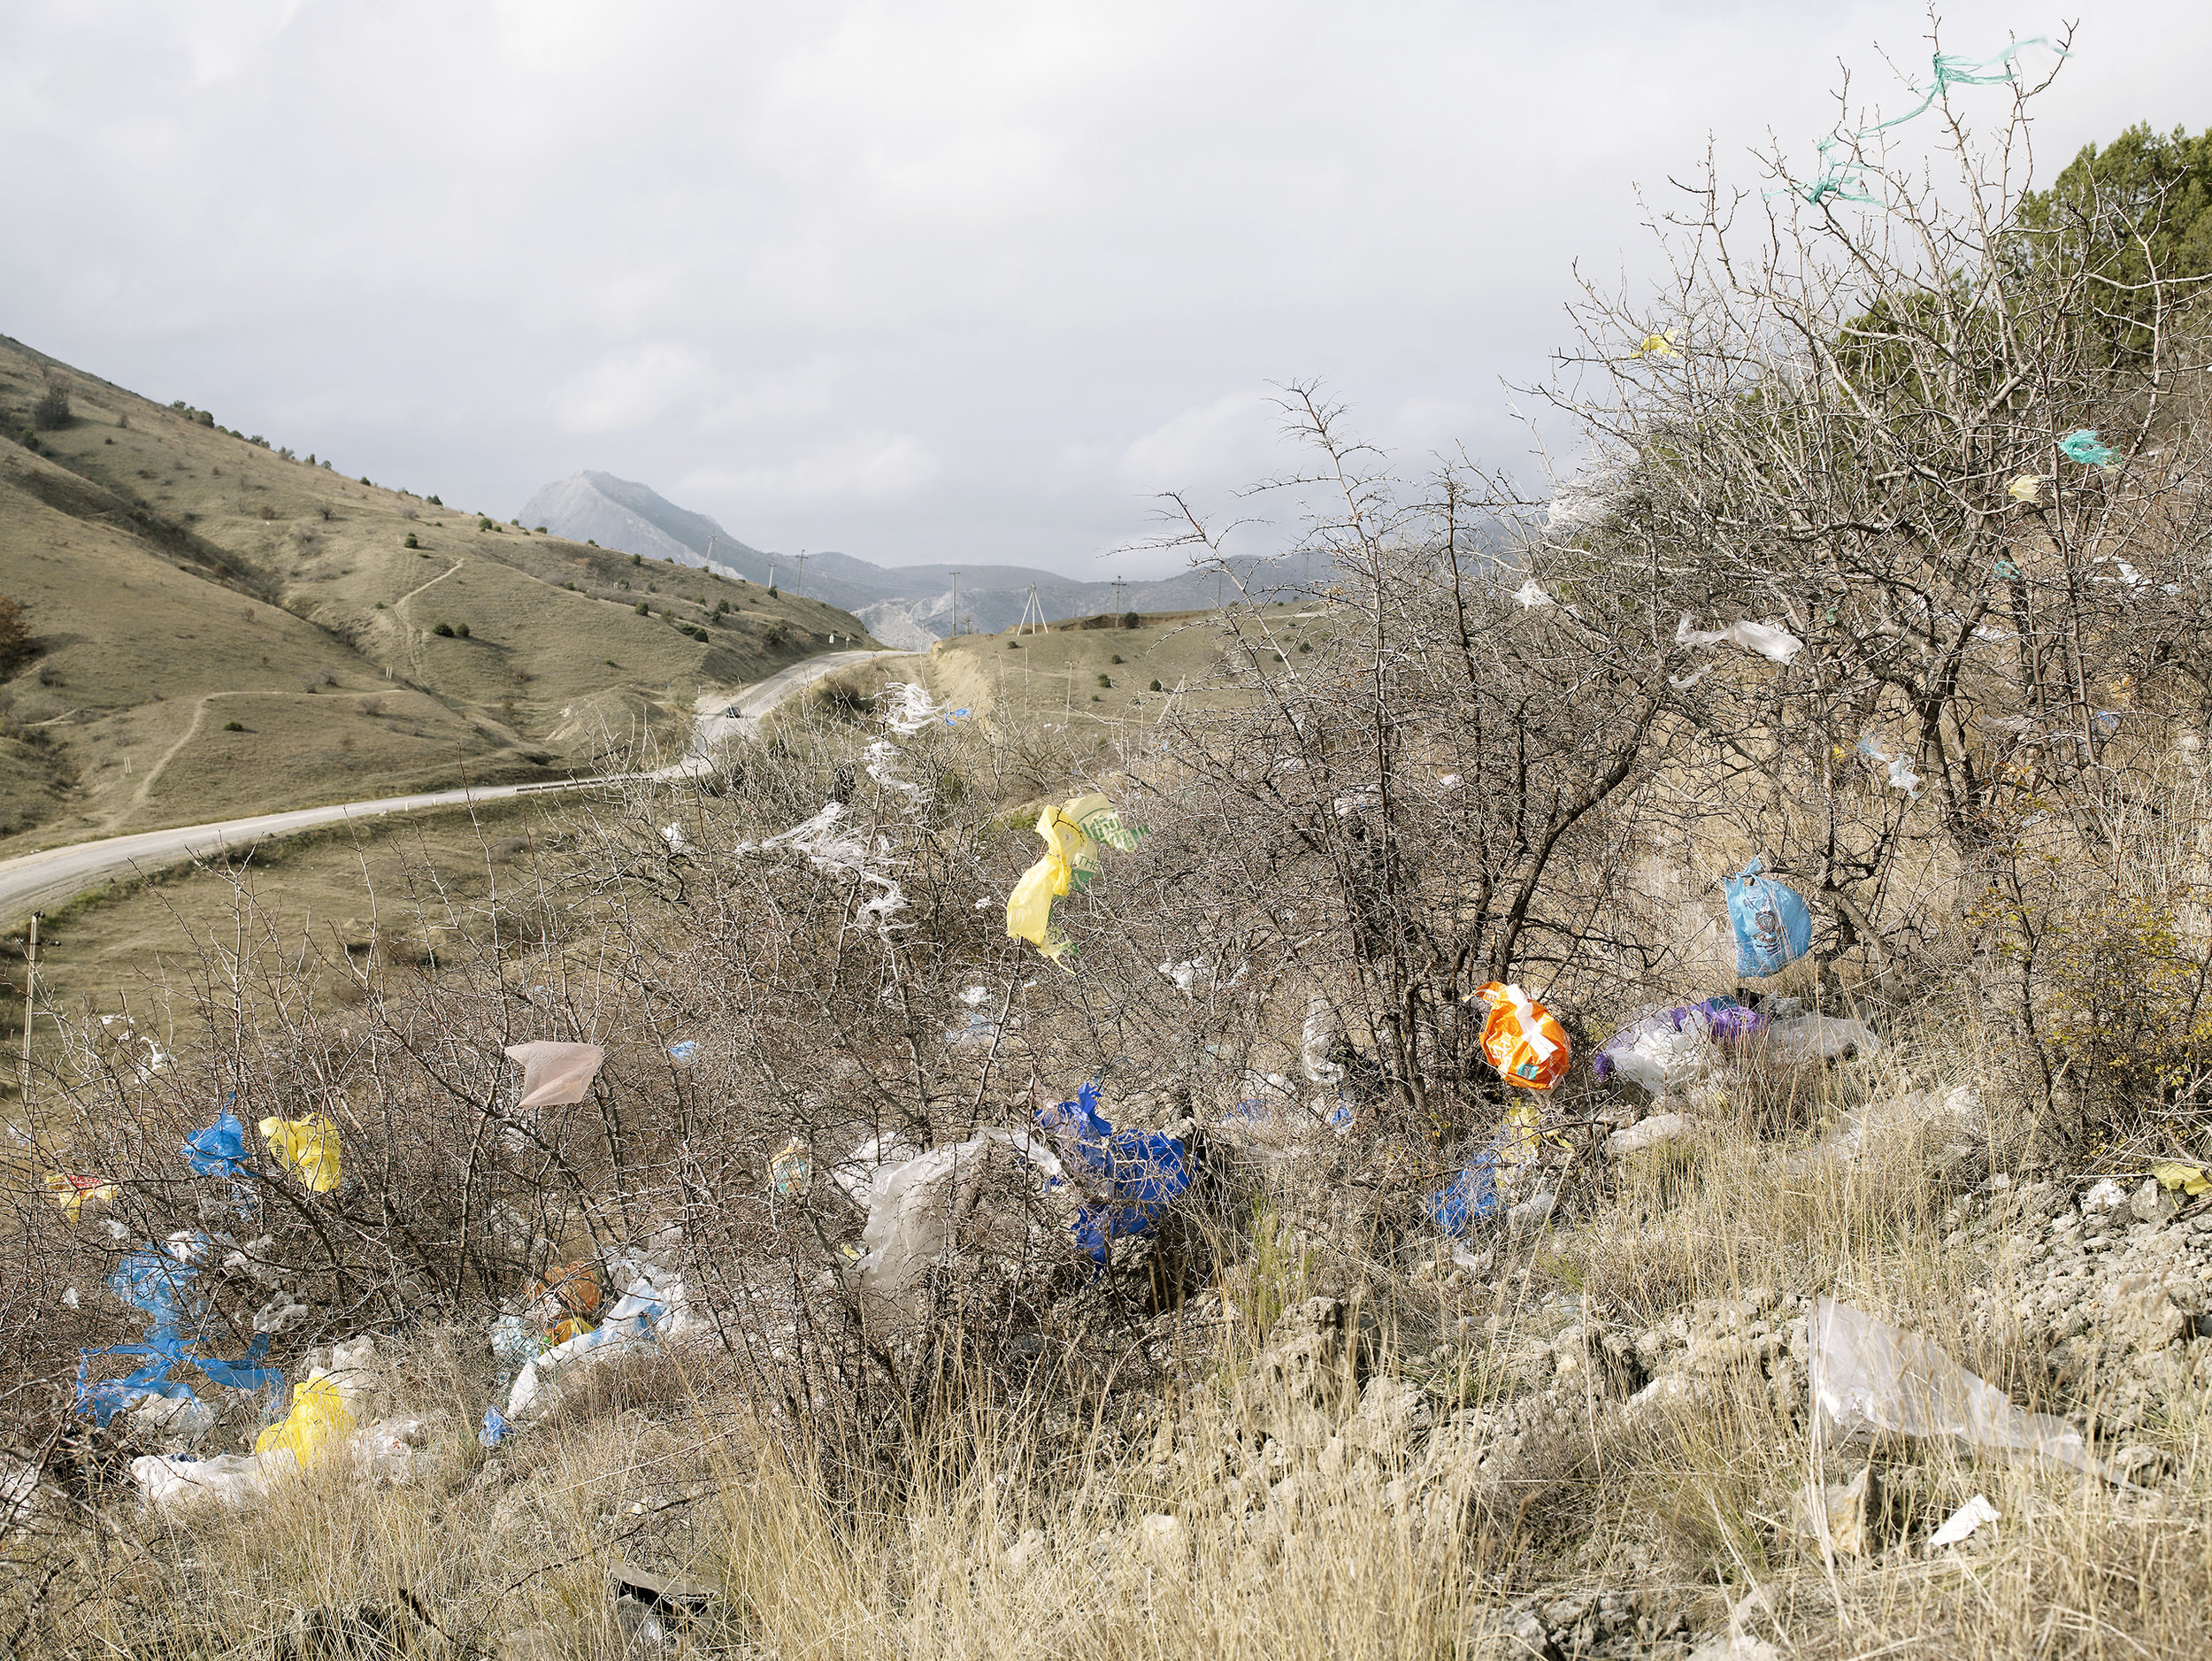 2007 Trash from an open-air dump, Ukraine, 2007.